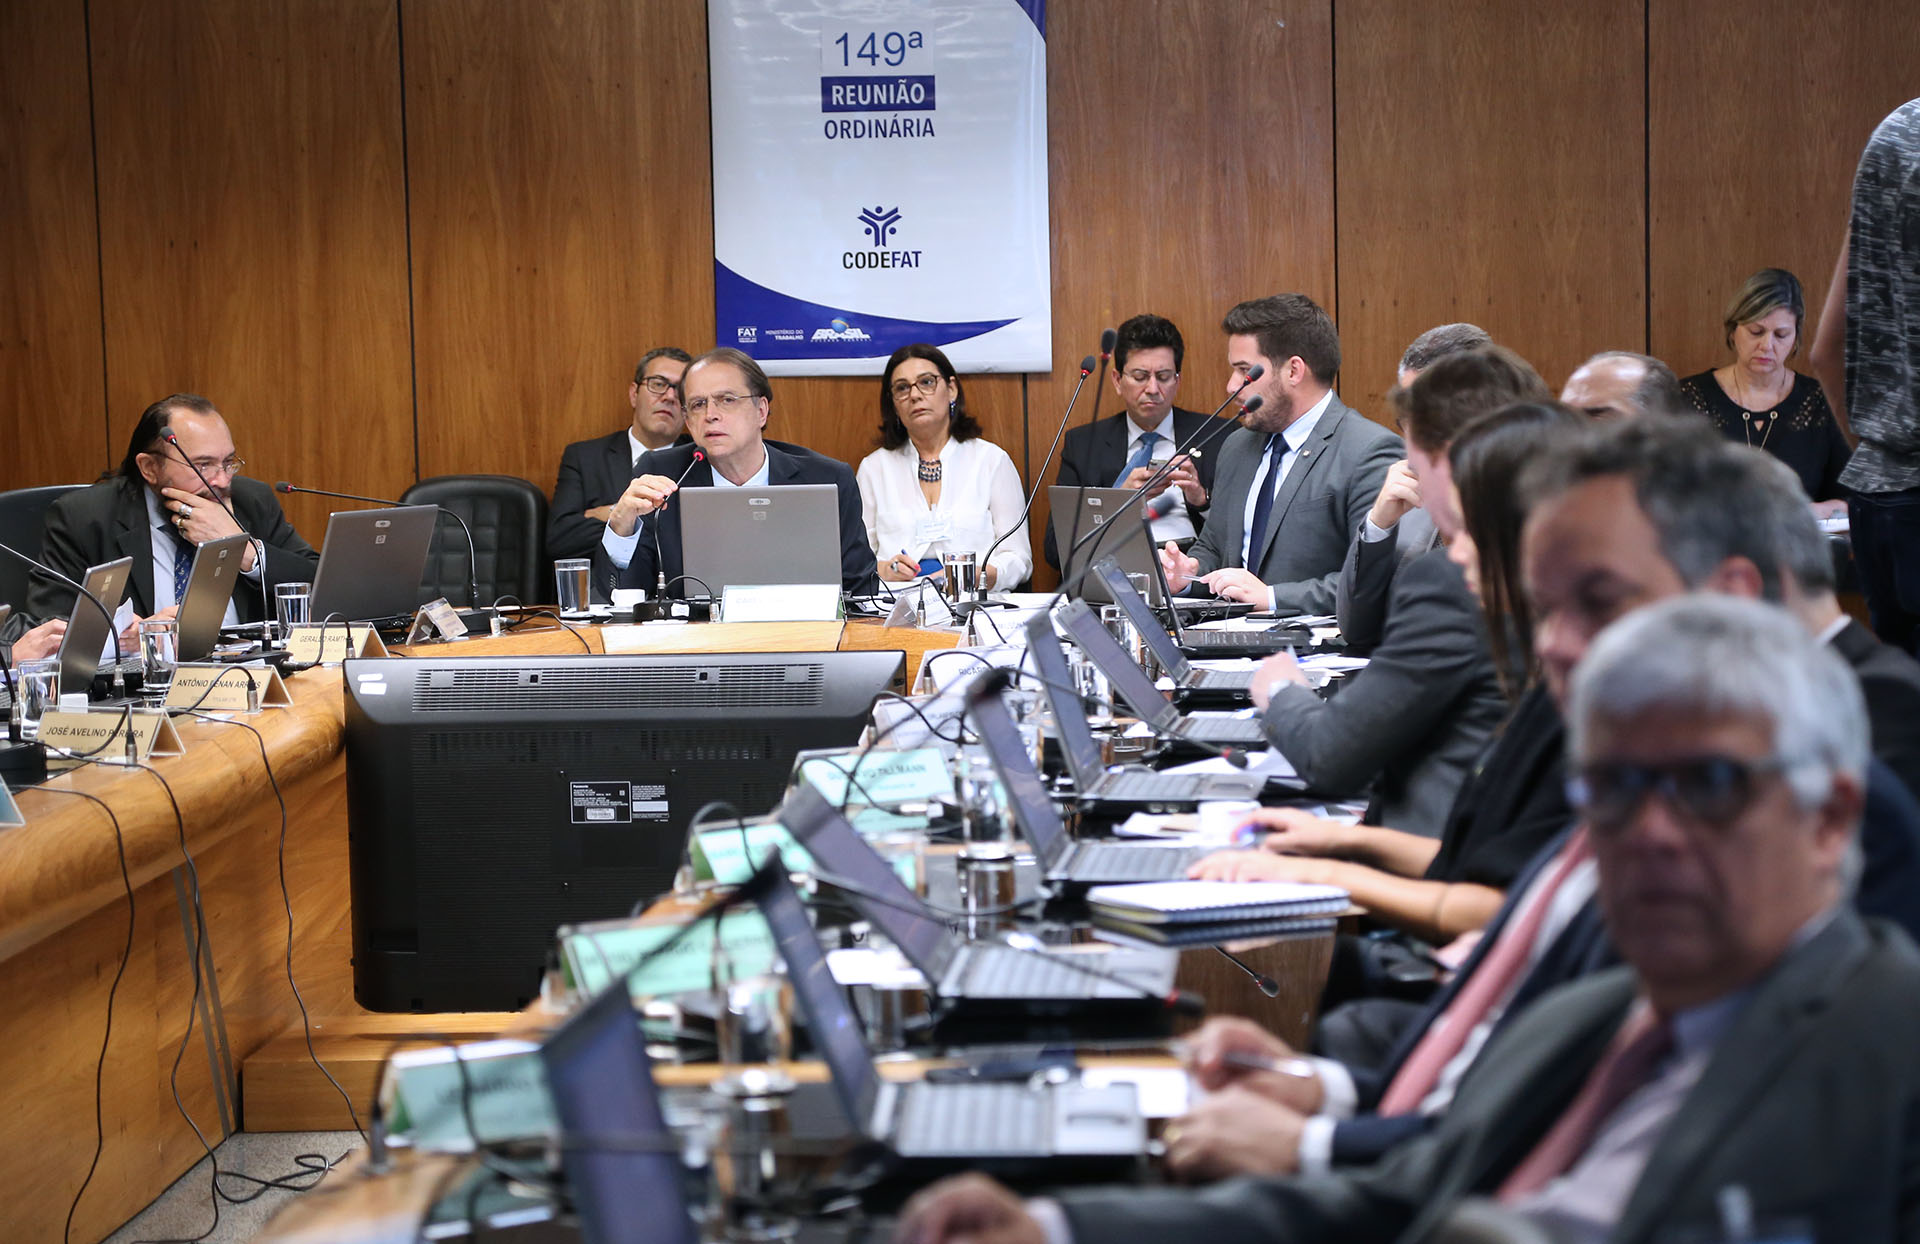 149ª Reunião Ordinária do CODEFAT – 28 de agosto de 2018